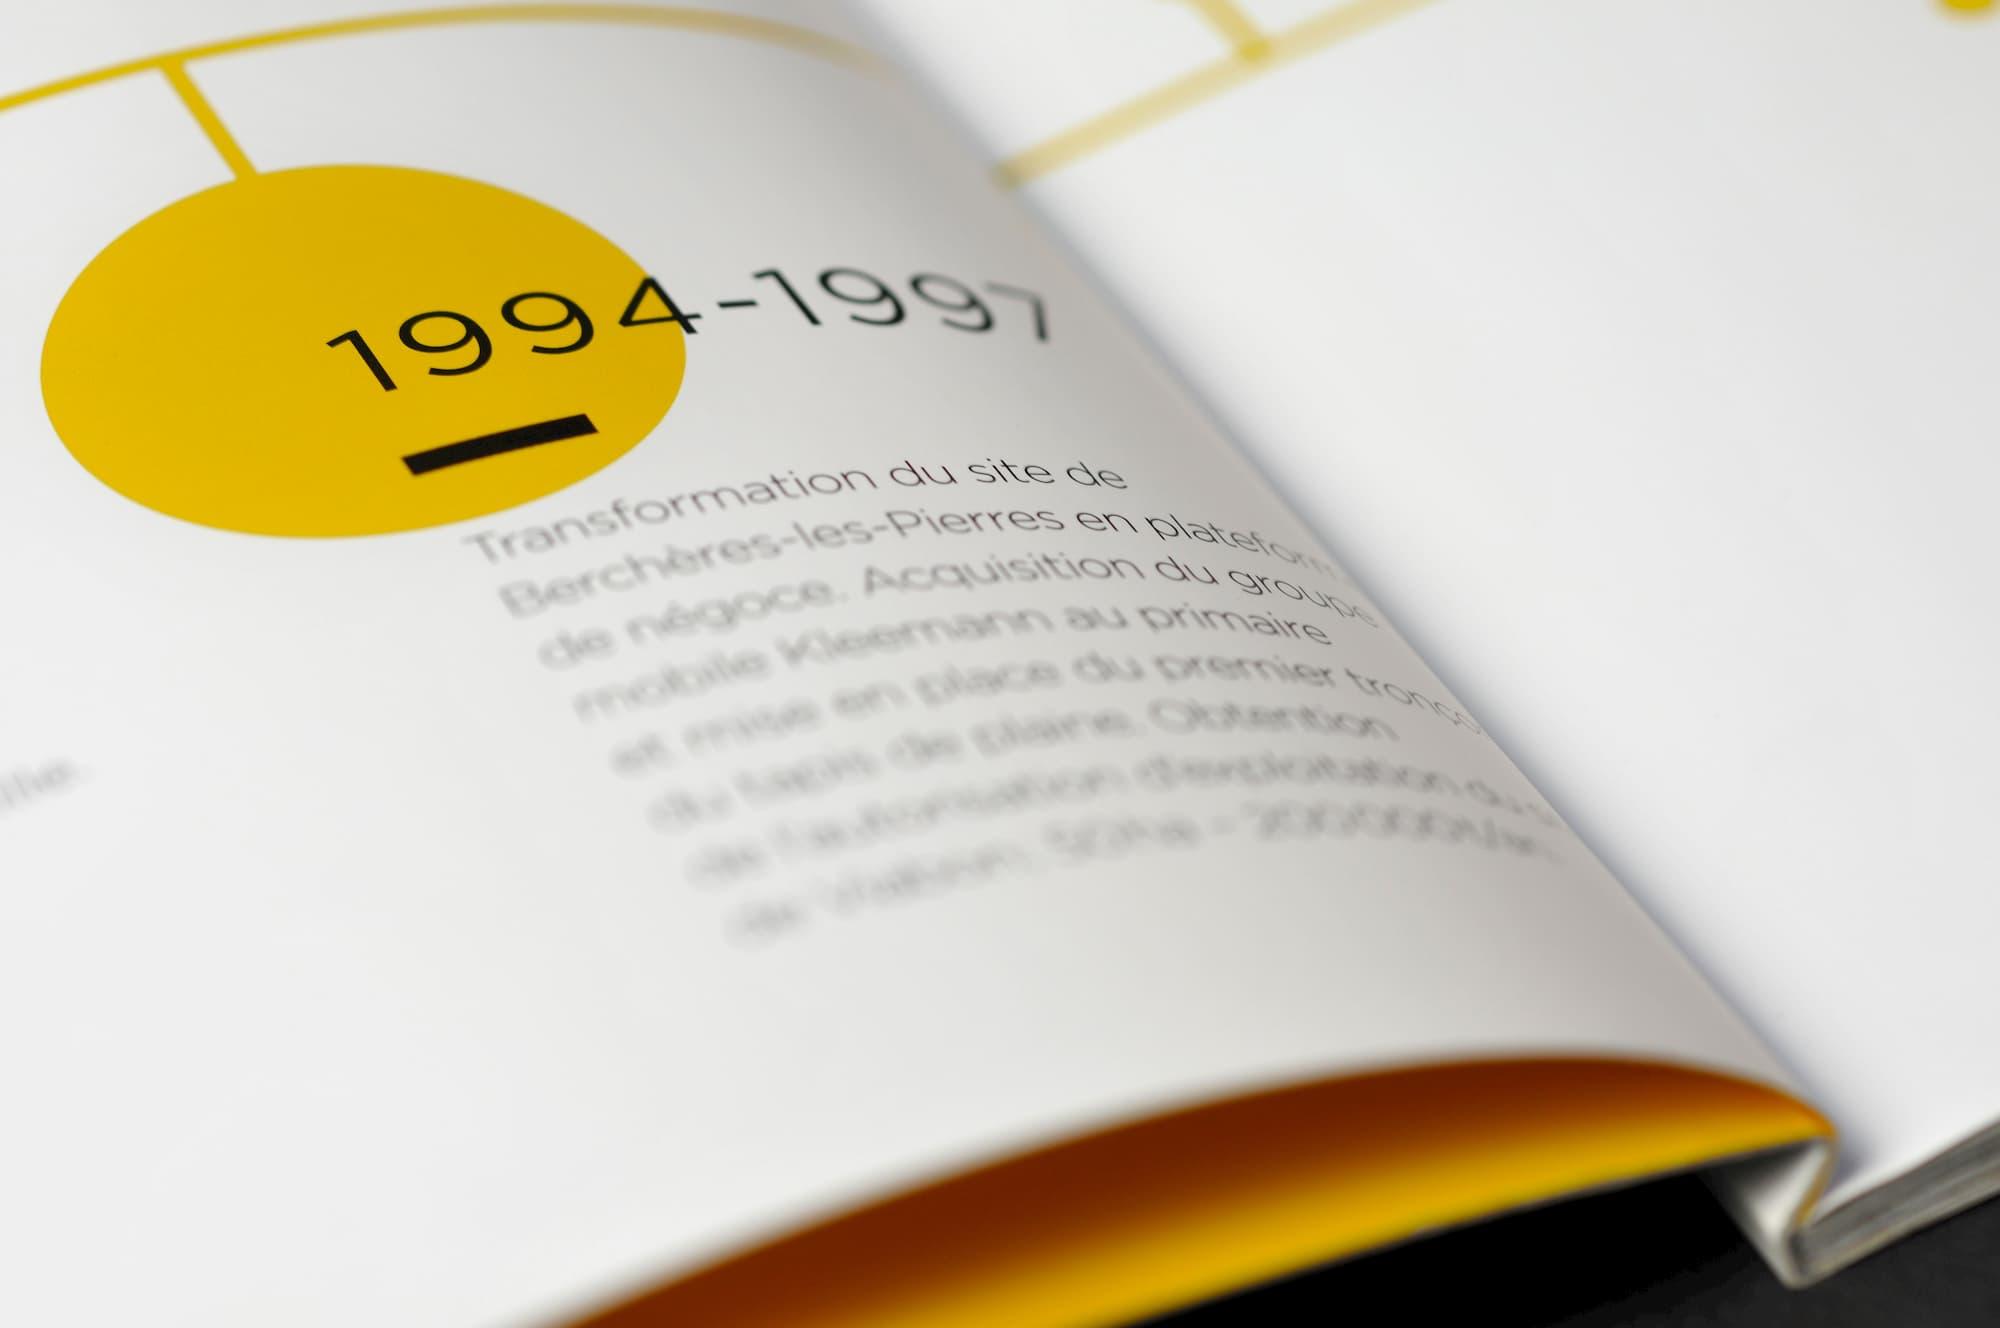 Livre d'image retraçant l'histoire de l'entreprise SMBP